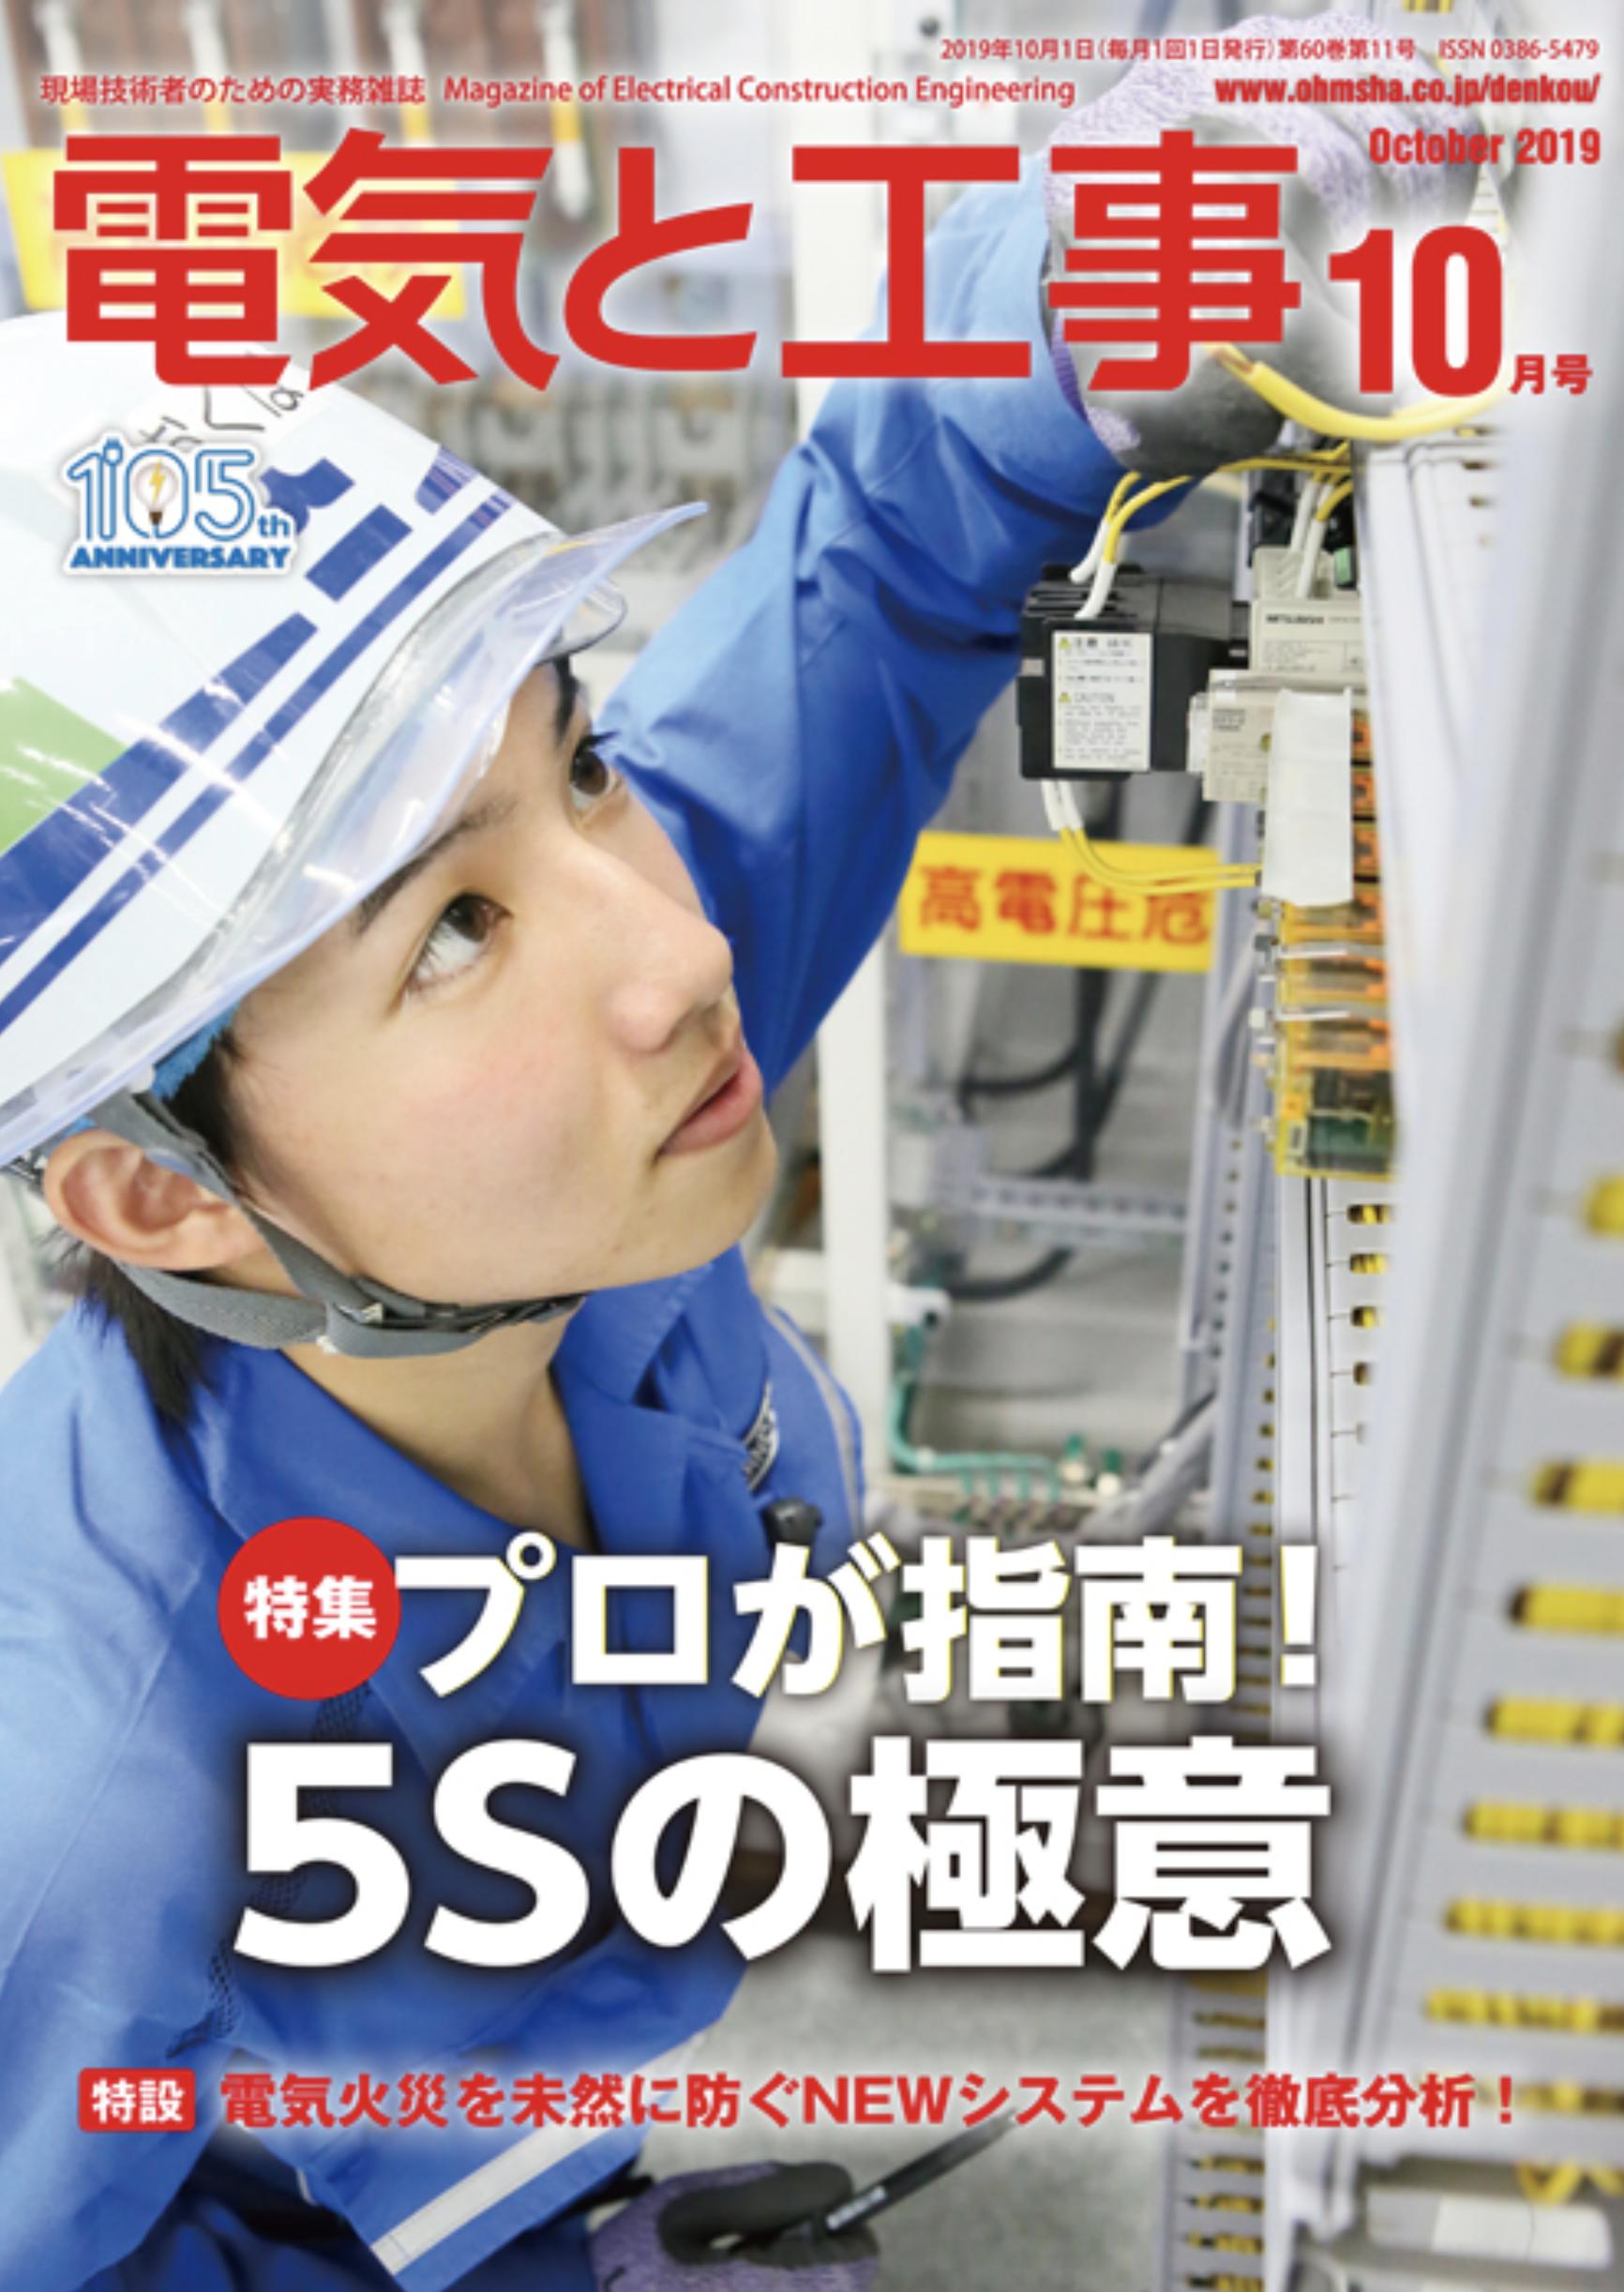 【新刊トピックス 2019年9月】電気と工事 2019年10月号 (第60巻第11号通巻792号)の画像